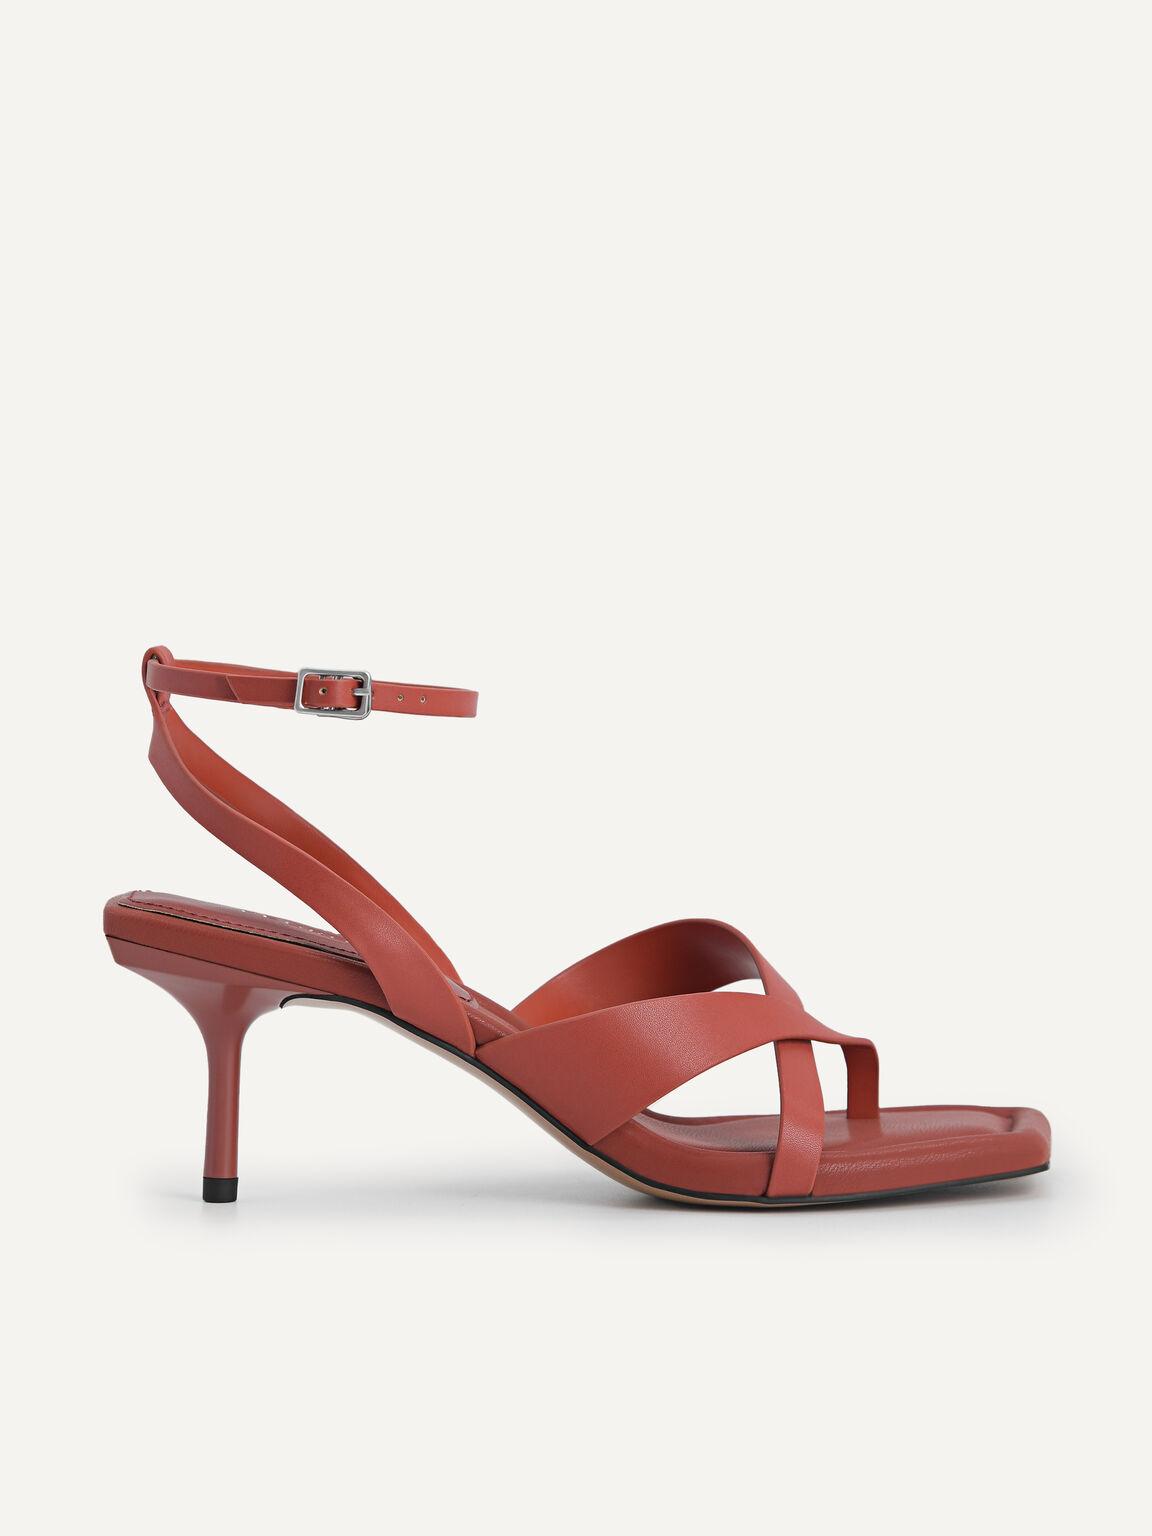 繫帶方頭帶跟涼鞋, 砖红色, hi-res